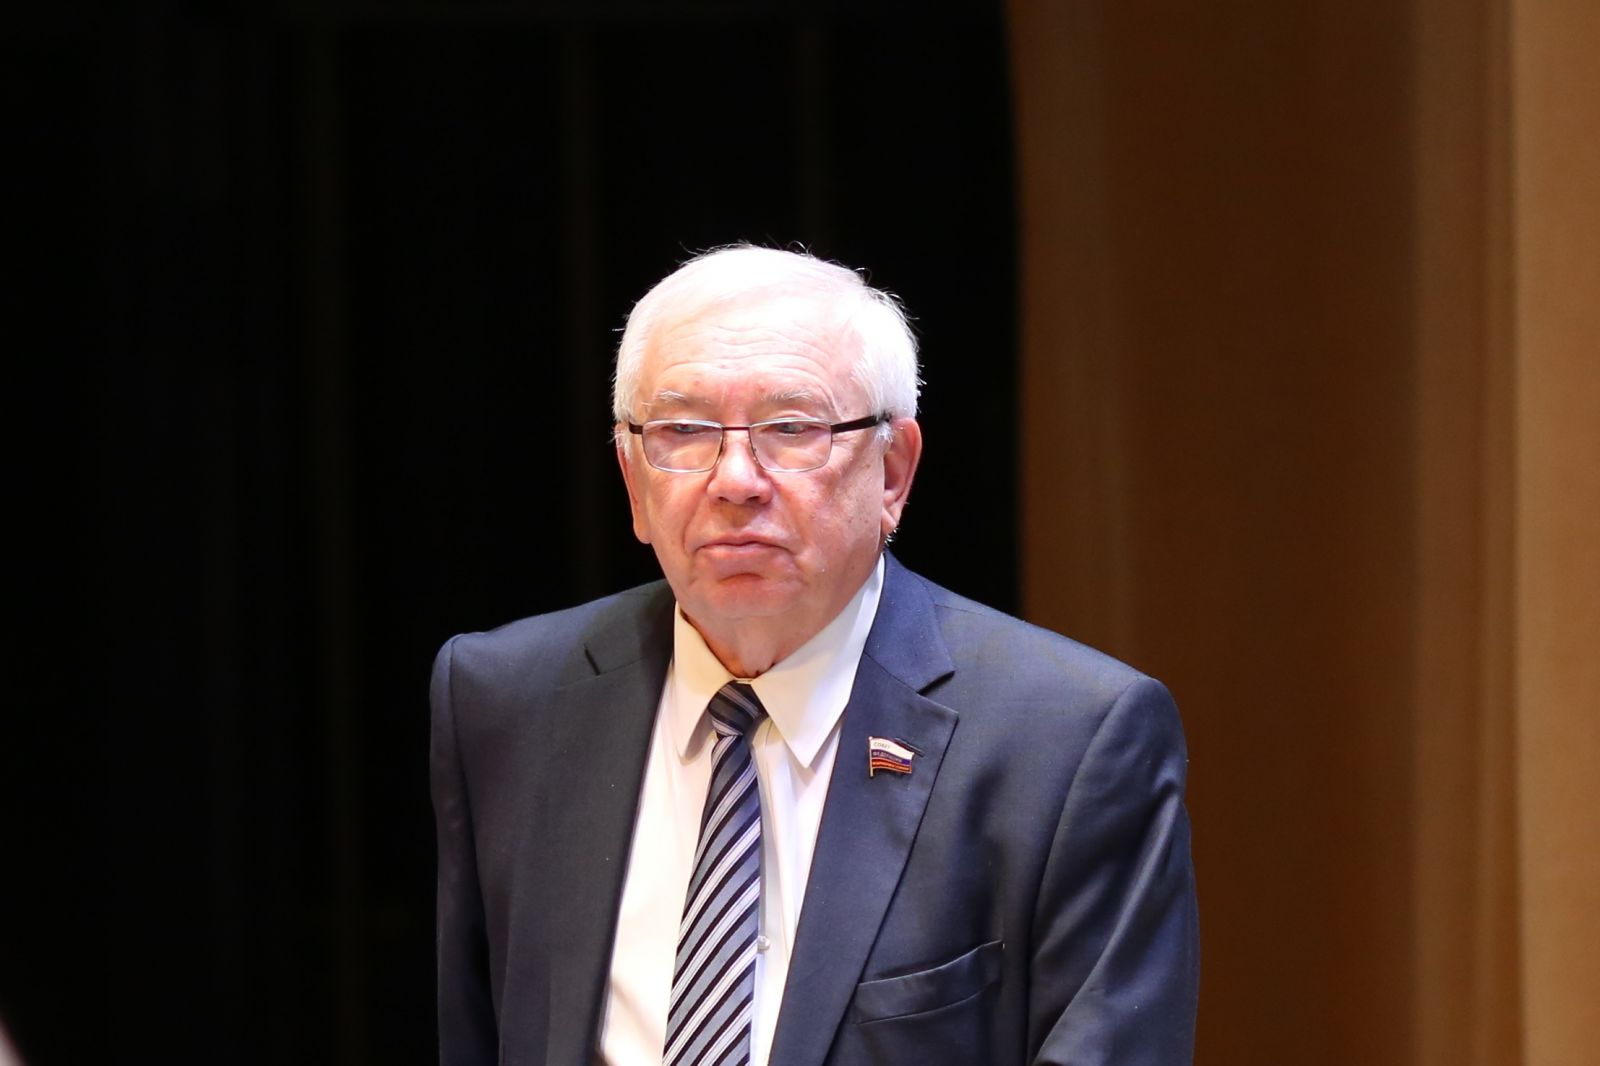 В.П. Лукин избран президентом ПКР на очередной отчетно-выборной Конференции ПКР